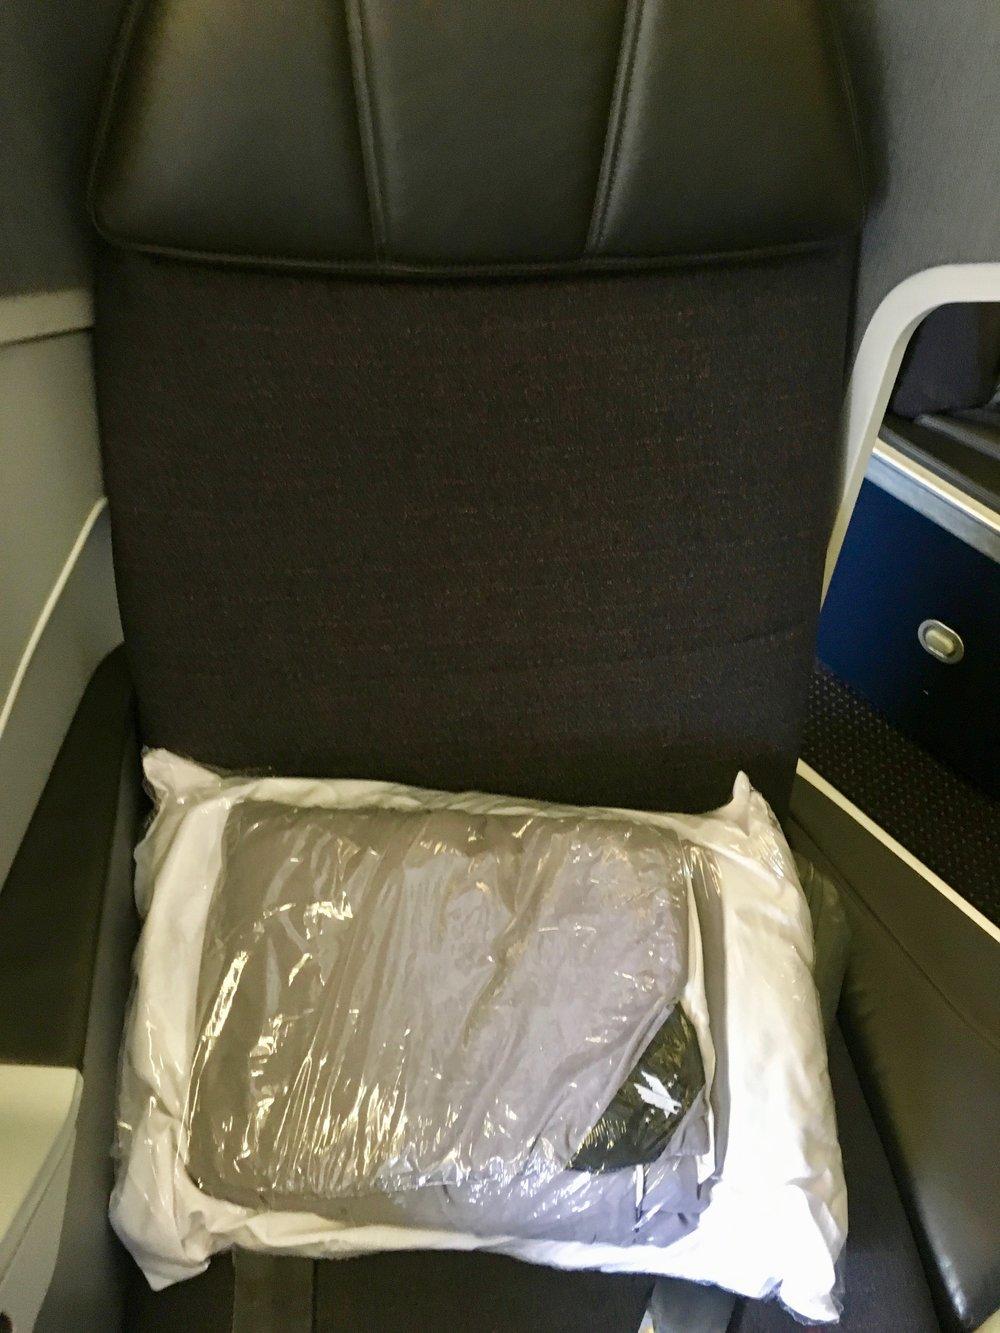 AA 107 LHR JFK Business Class -  - 5.jpg